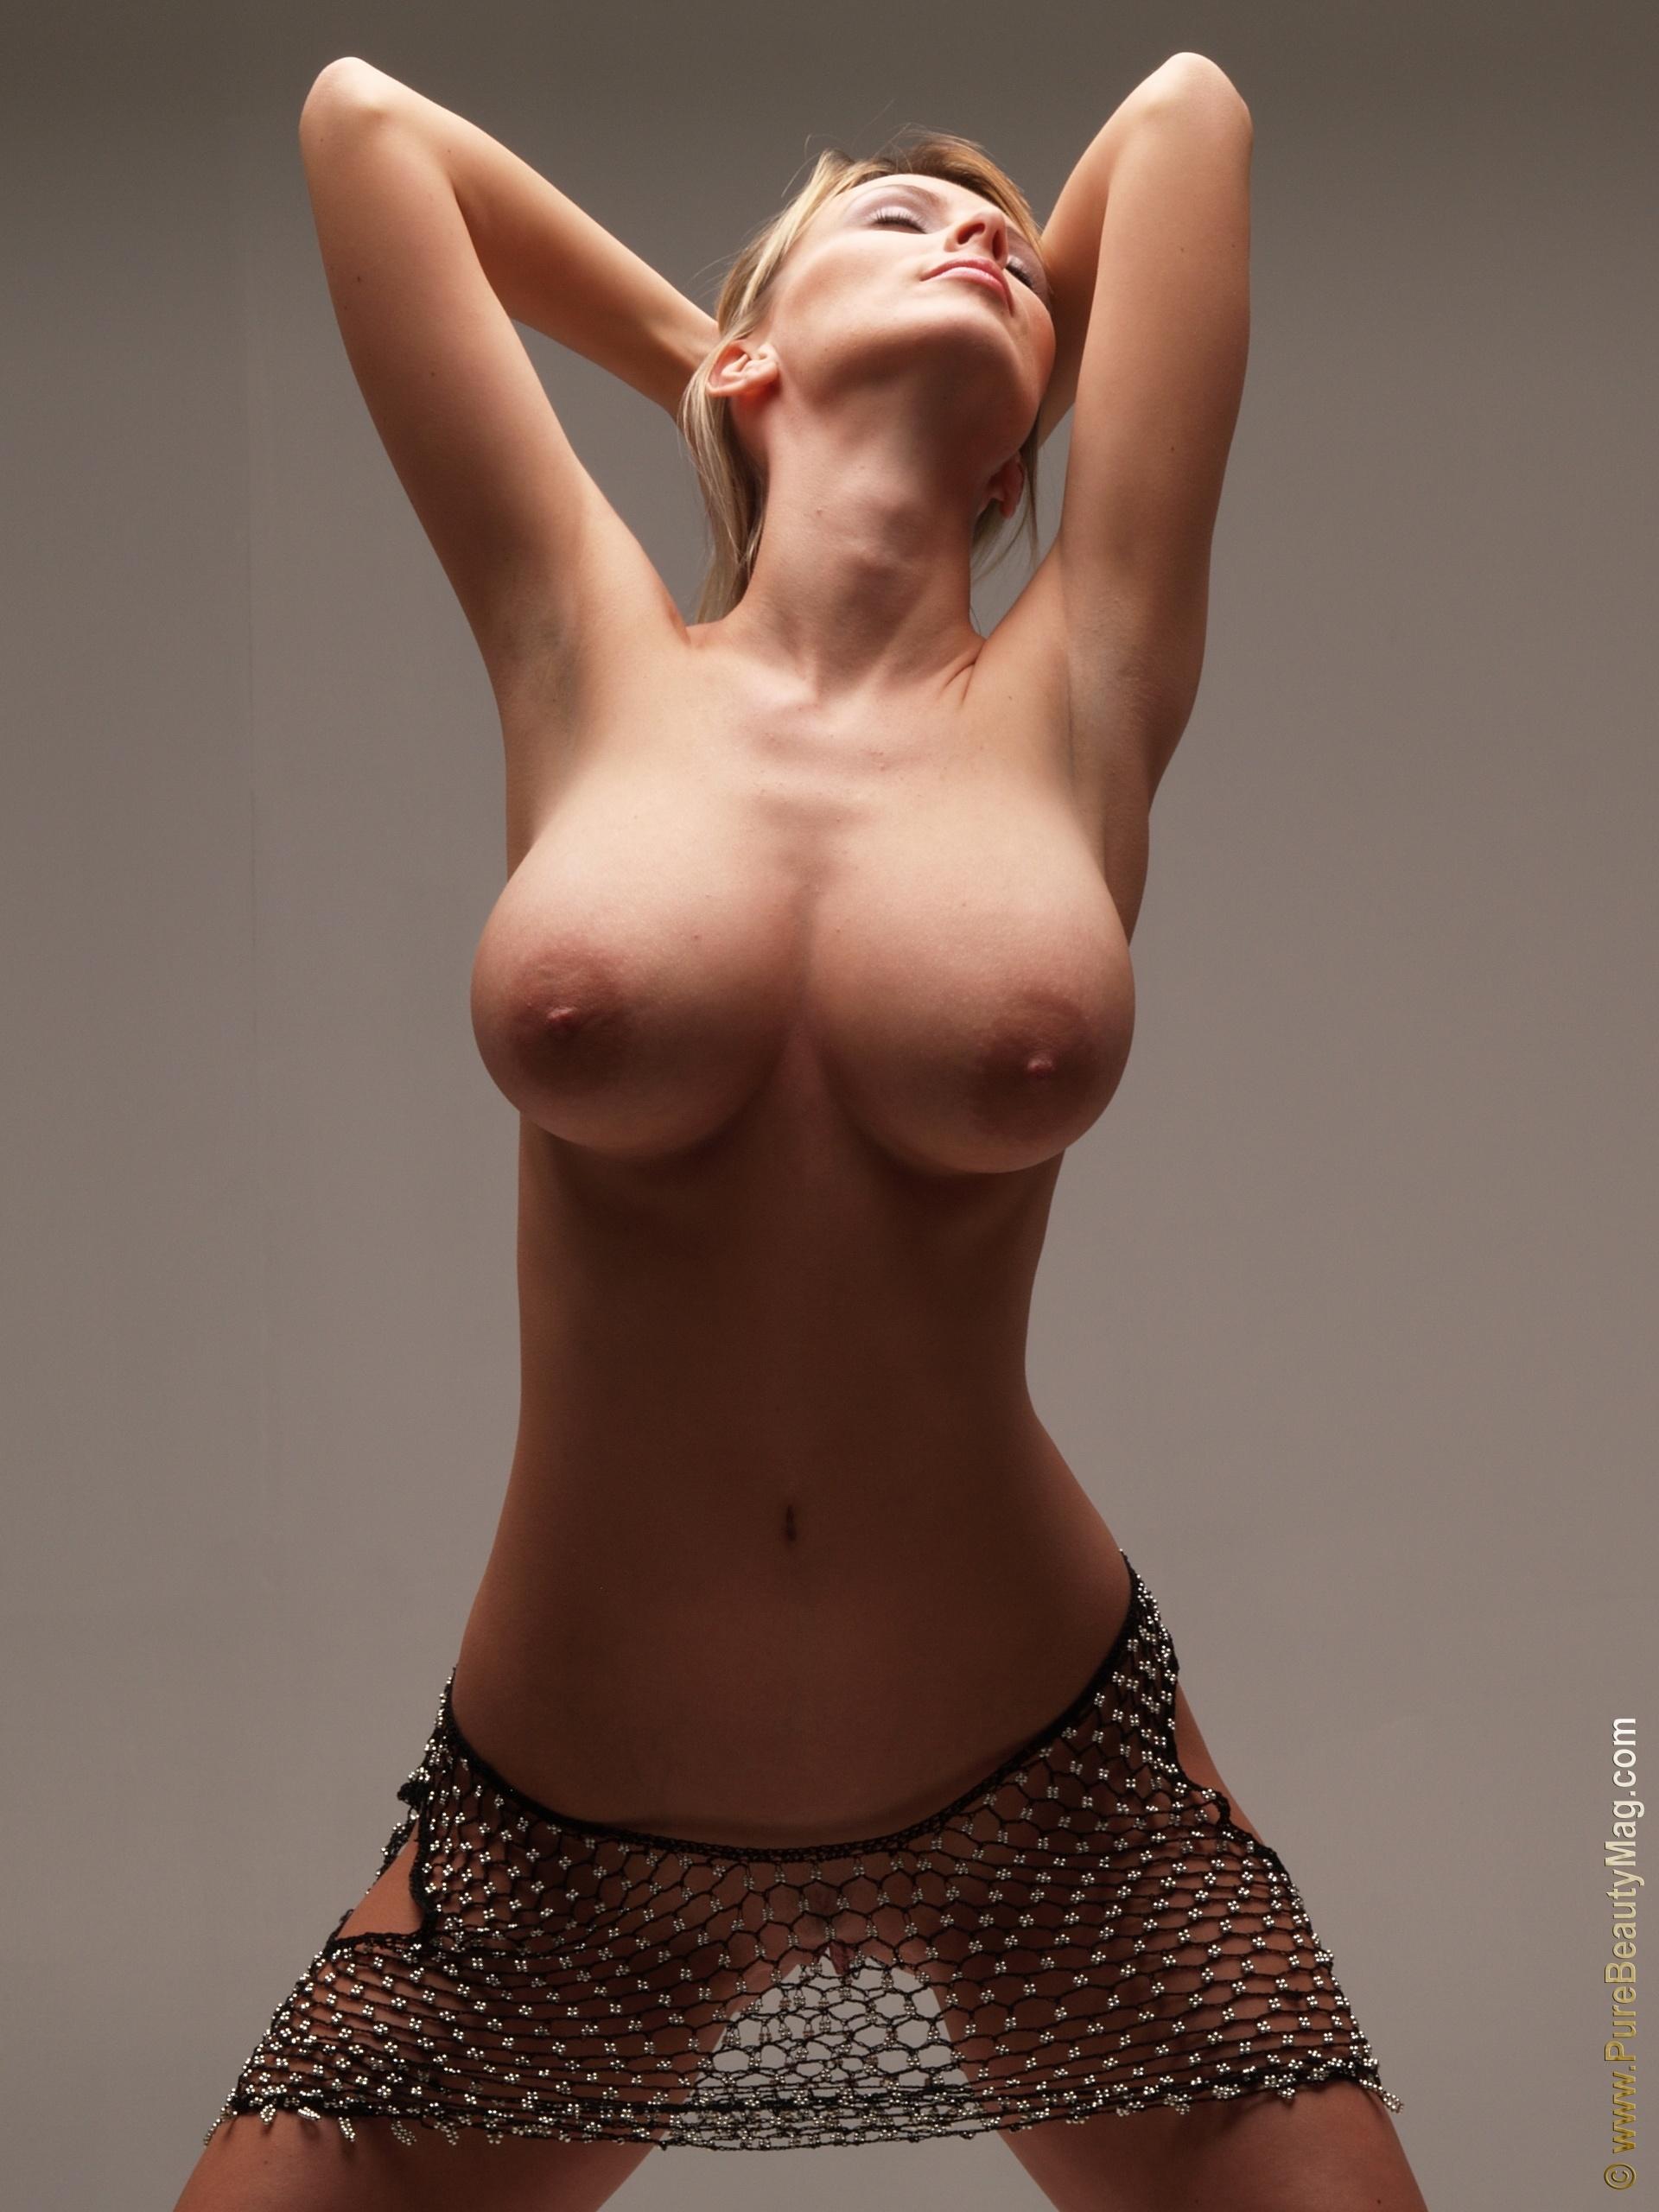 Тайская проститутка с большими сиськами 6 фотография